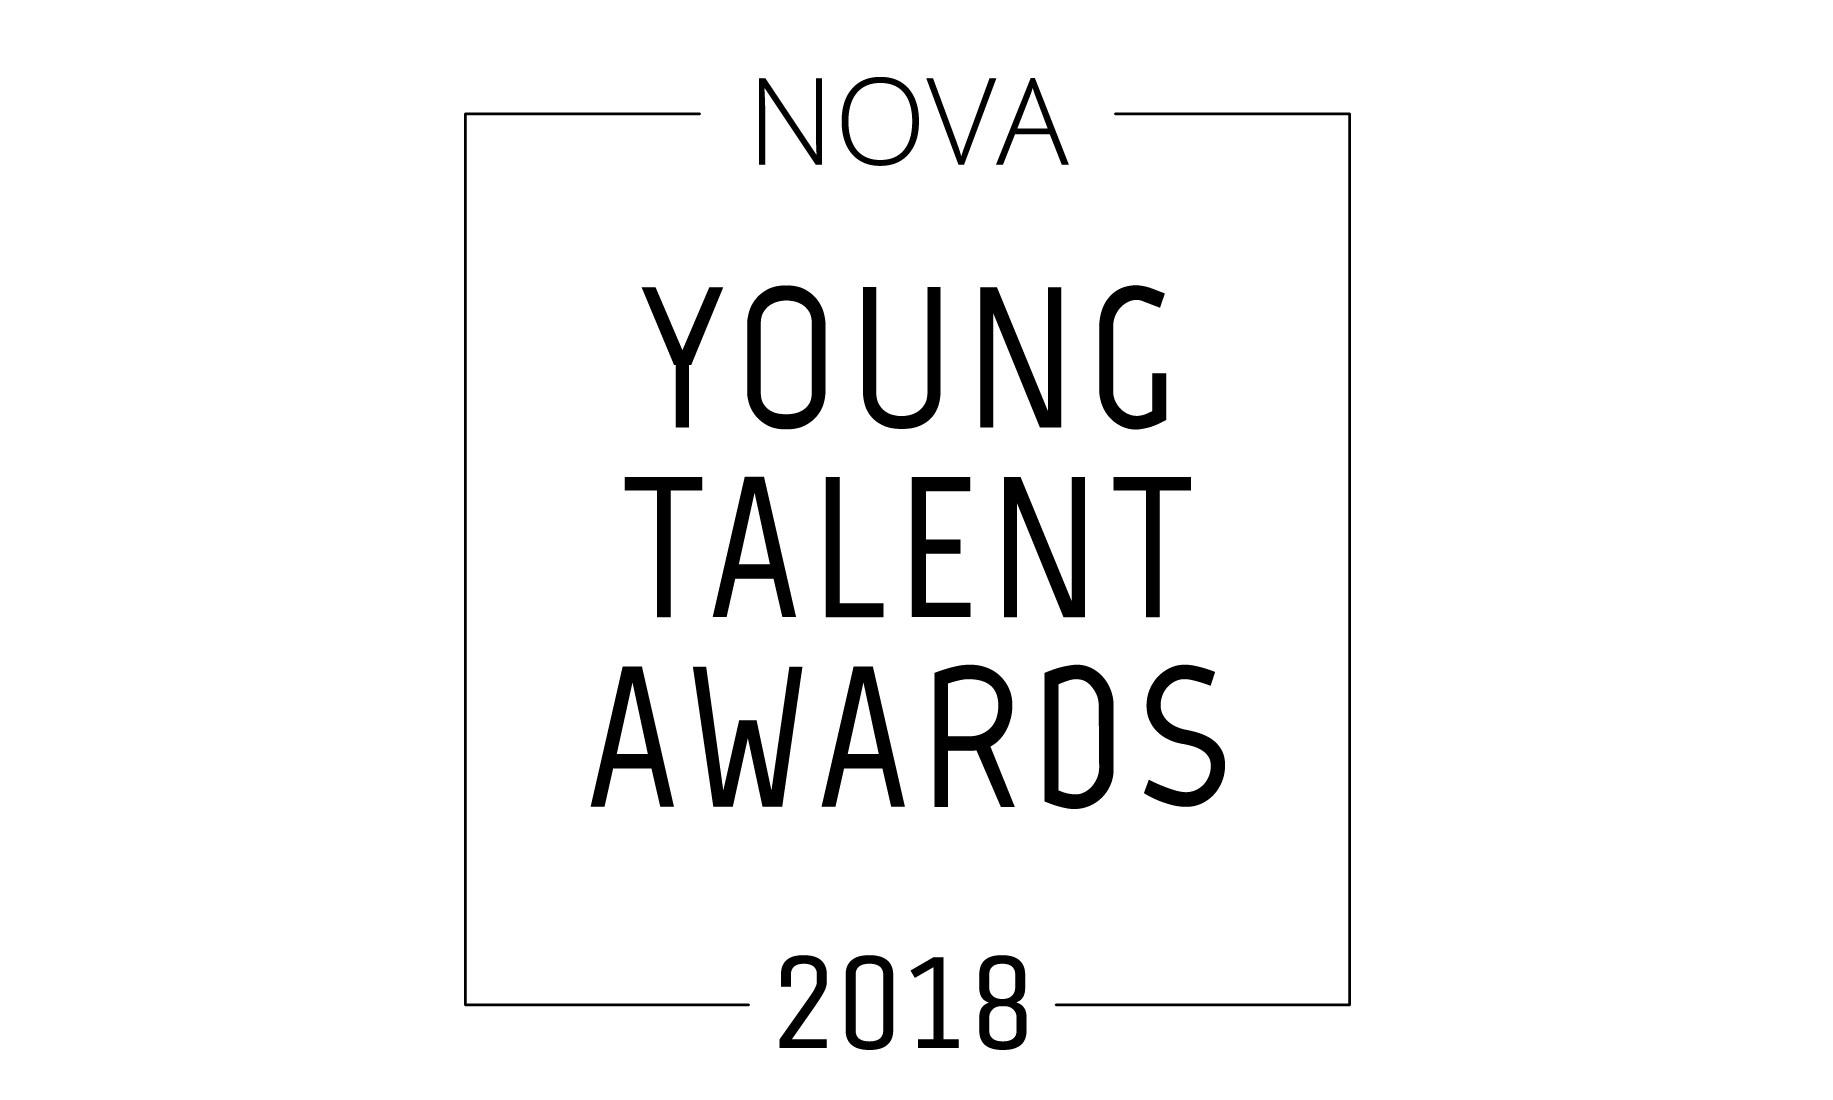 NOVA Young Talent Awards 2018